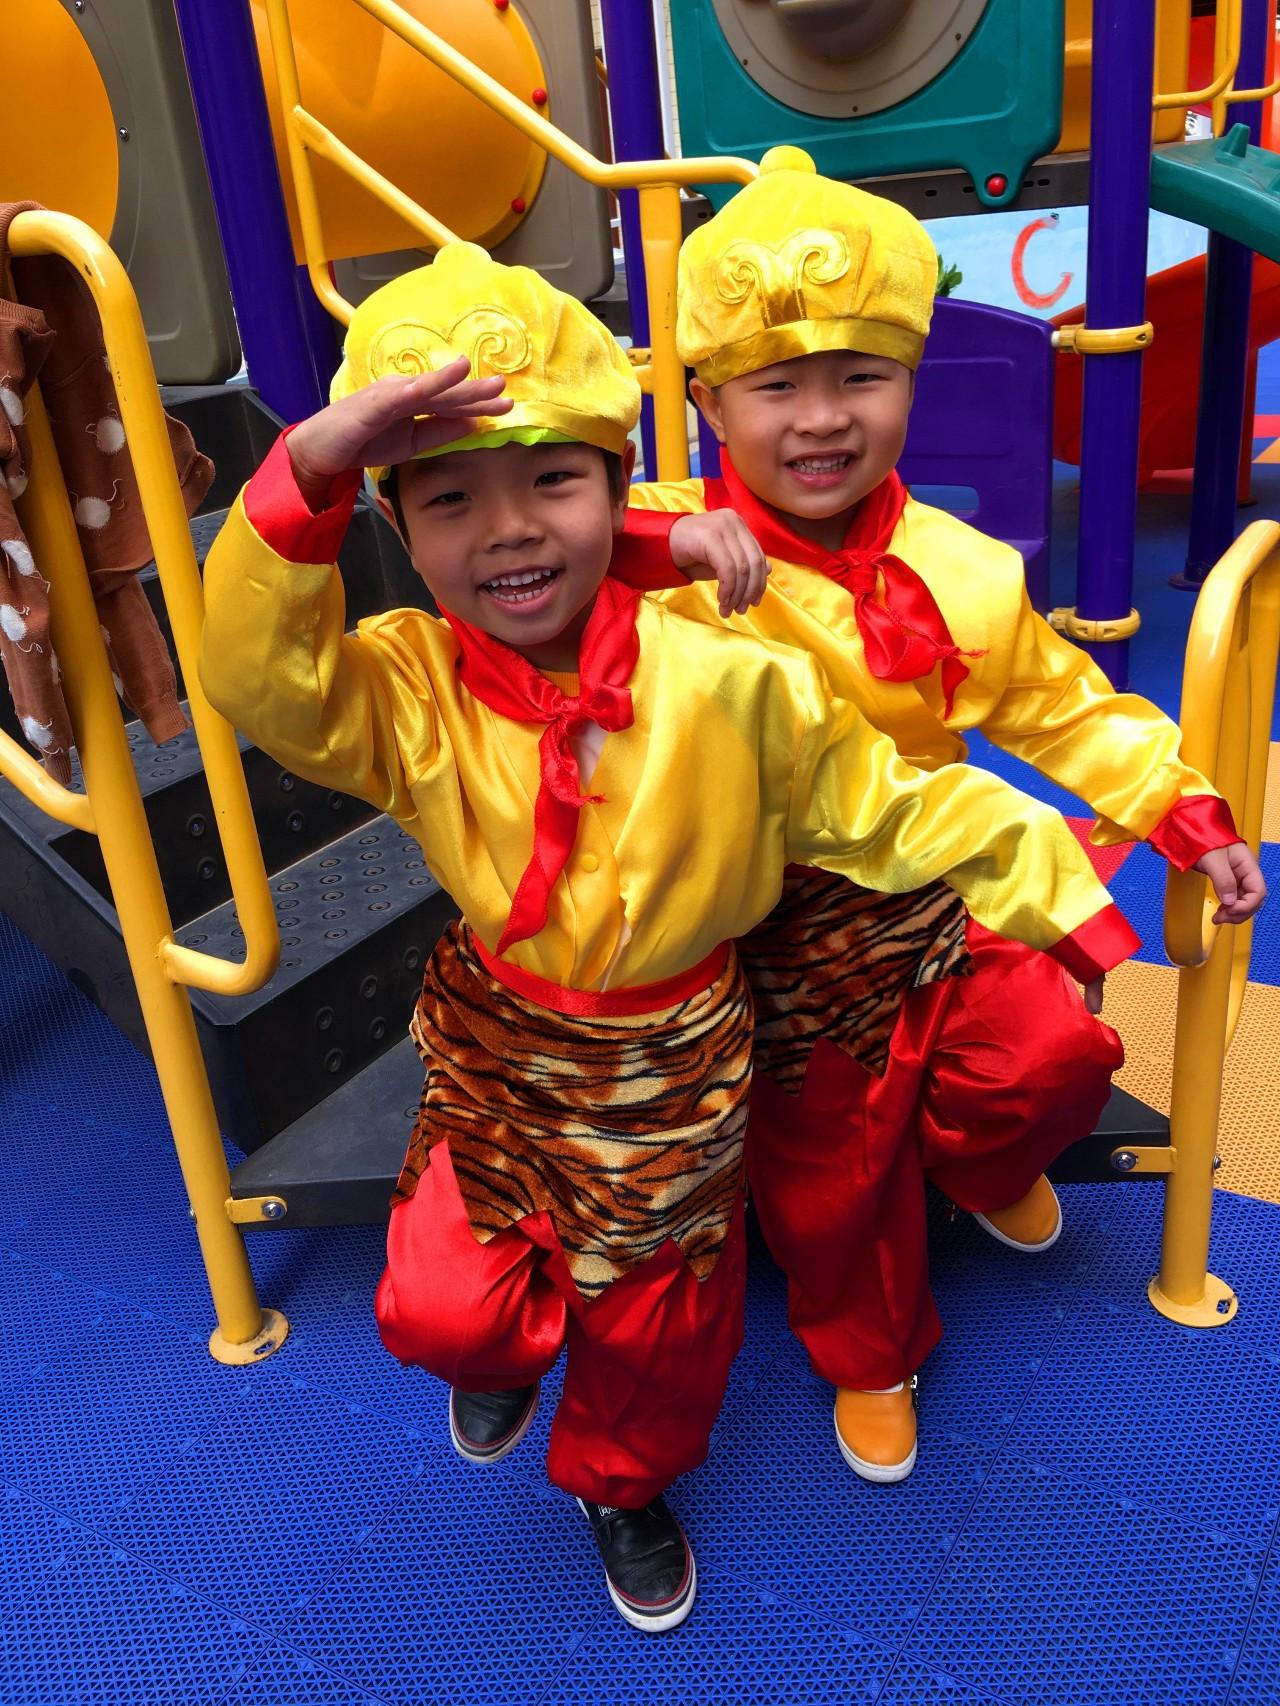 halloween party—未来星幼儿园万圣节狂欢嗨翻天